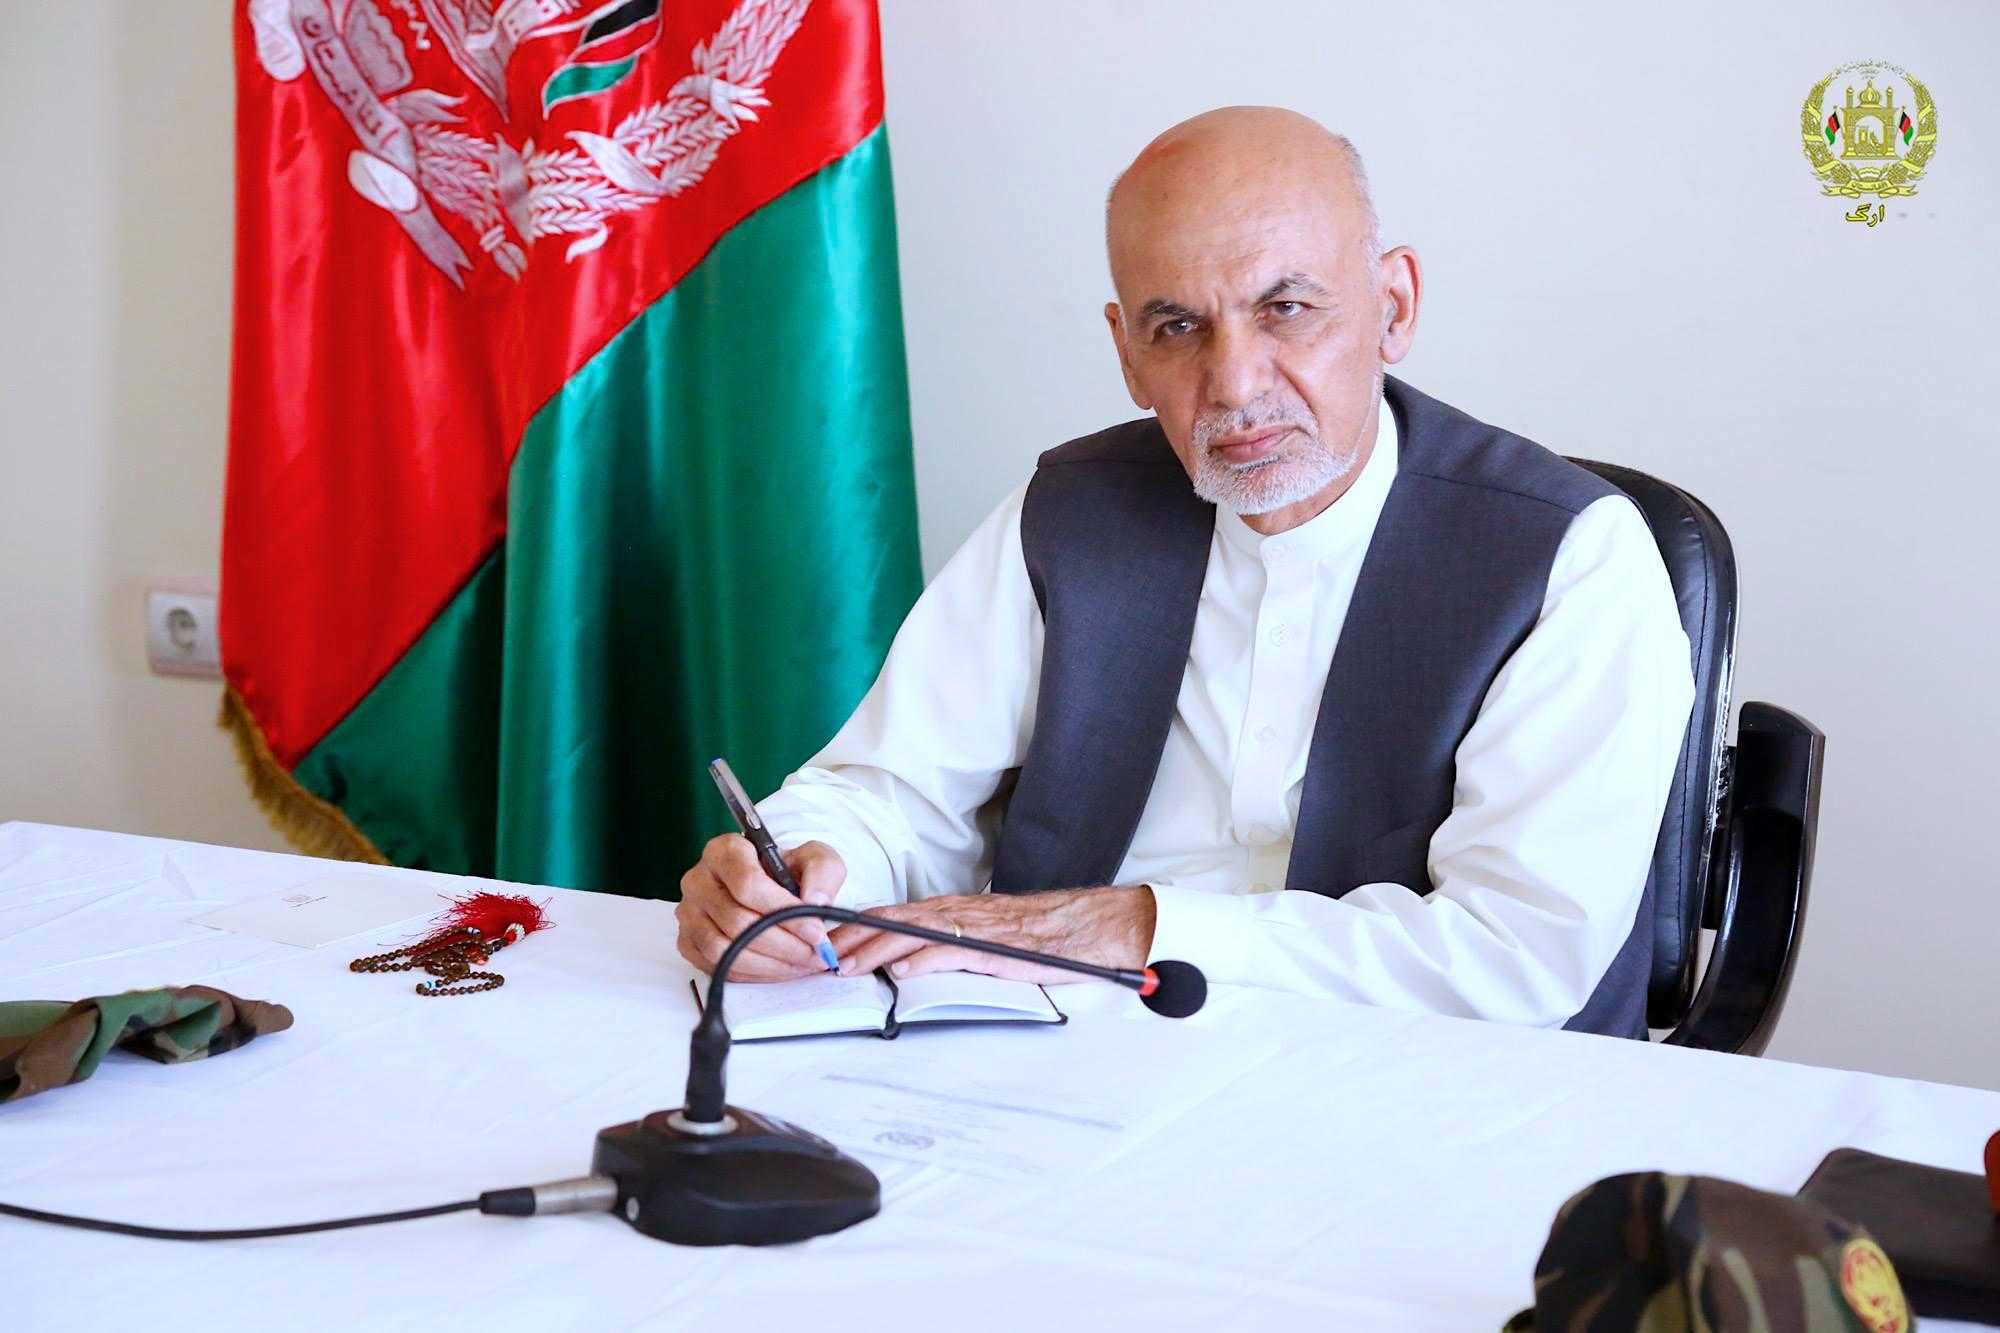 آتش بس موقت با طالبان برای افغان های خسته از جنگ امیدواری می بخشد